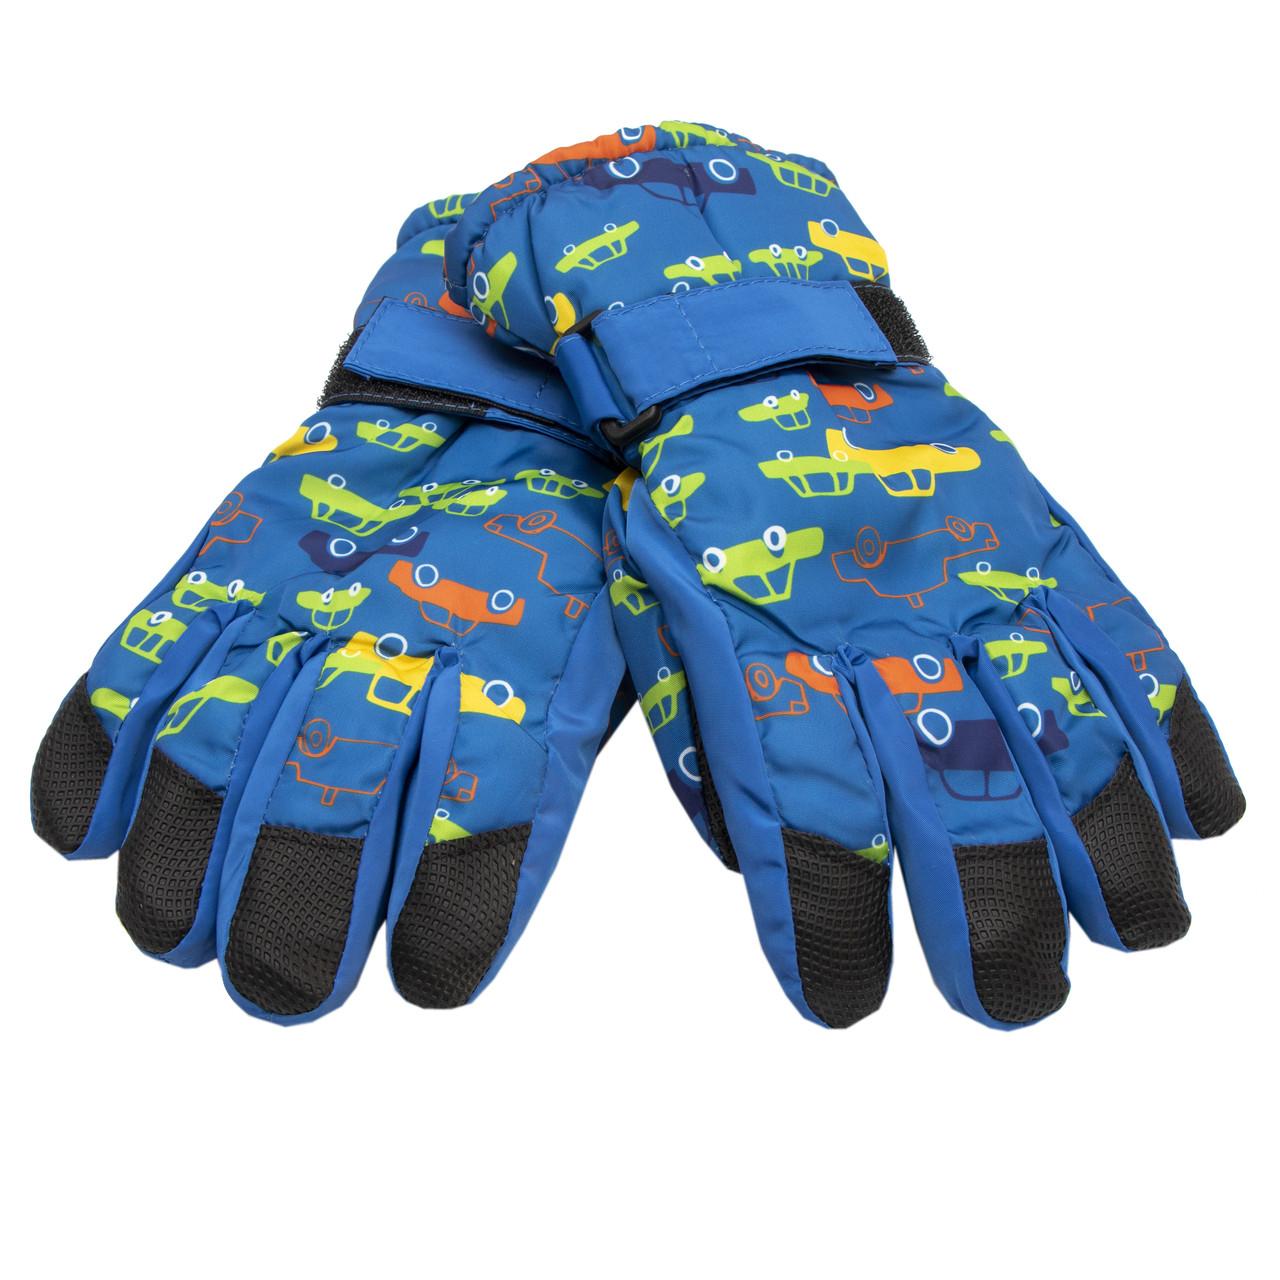 Водоотталкивающие детские лыжные перчатки, размер 14, синий, плащевка, флис, синтепон (517007)